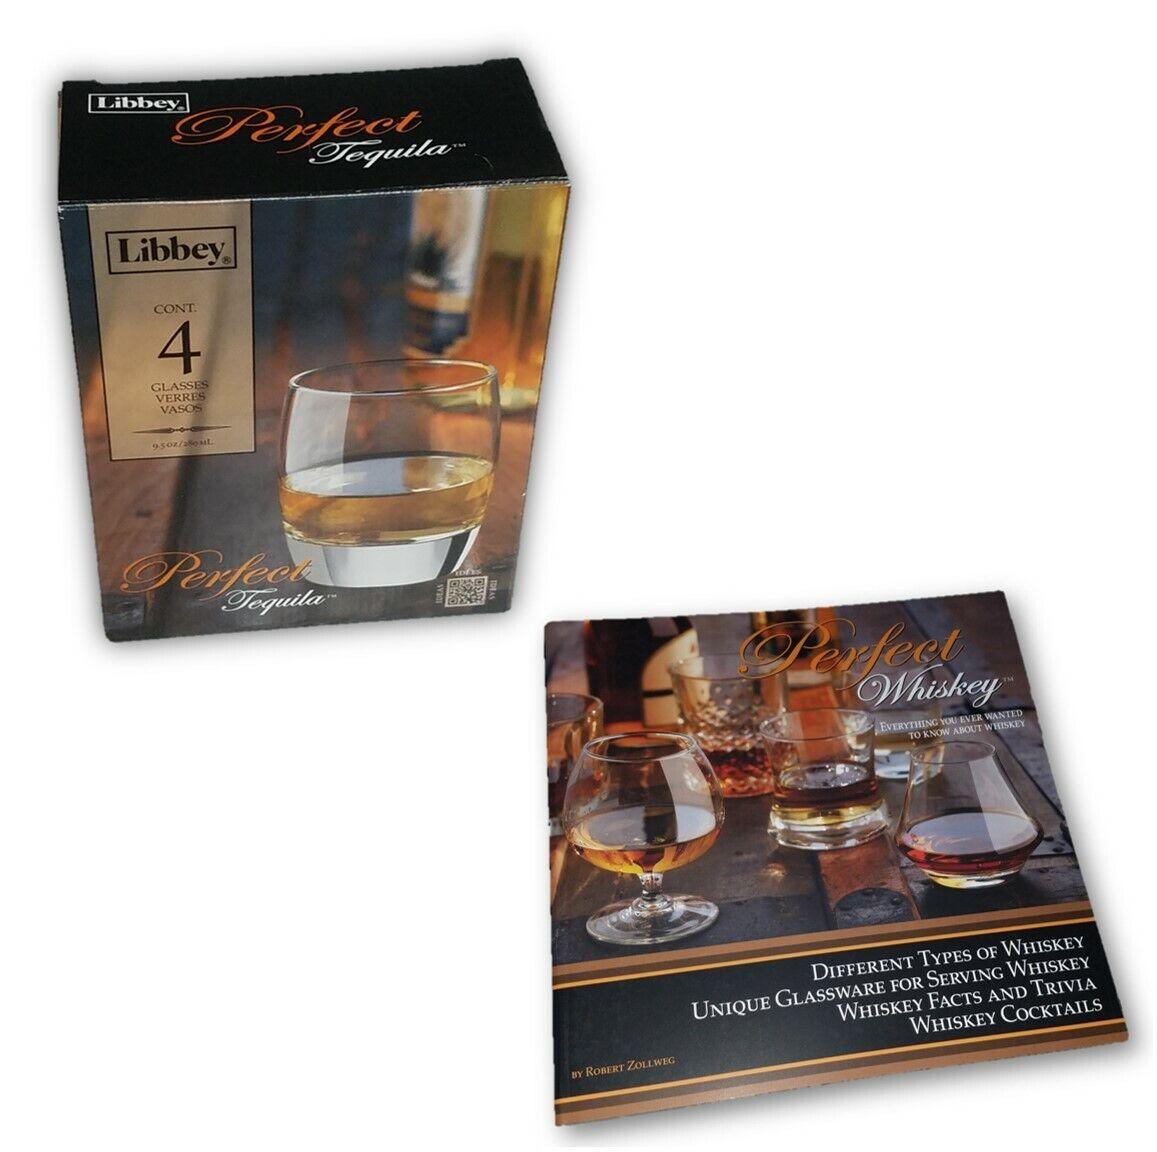 LIBBEY 4 PIECES PARFAIT TEQUILA 9.5-Oz Verre Set & One (1) whisky Livre Ensemble Cadeau